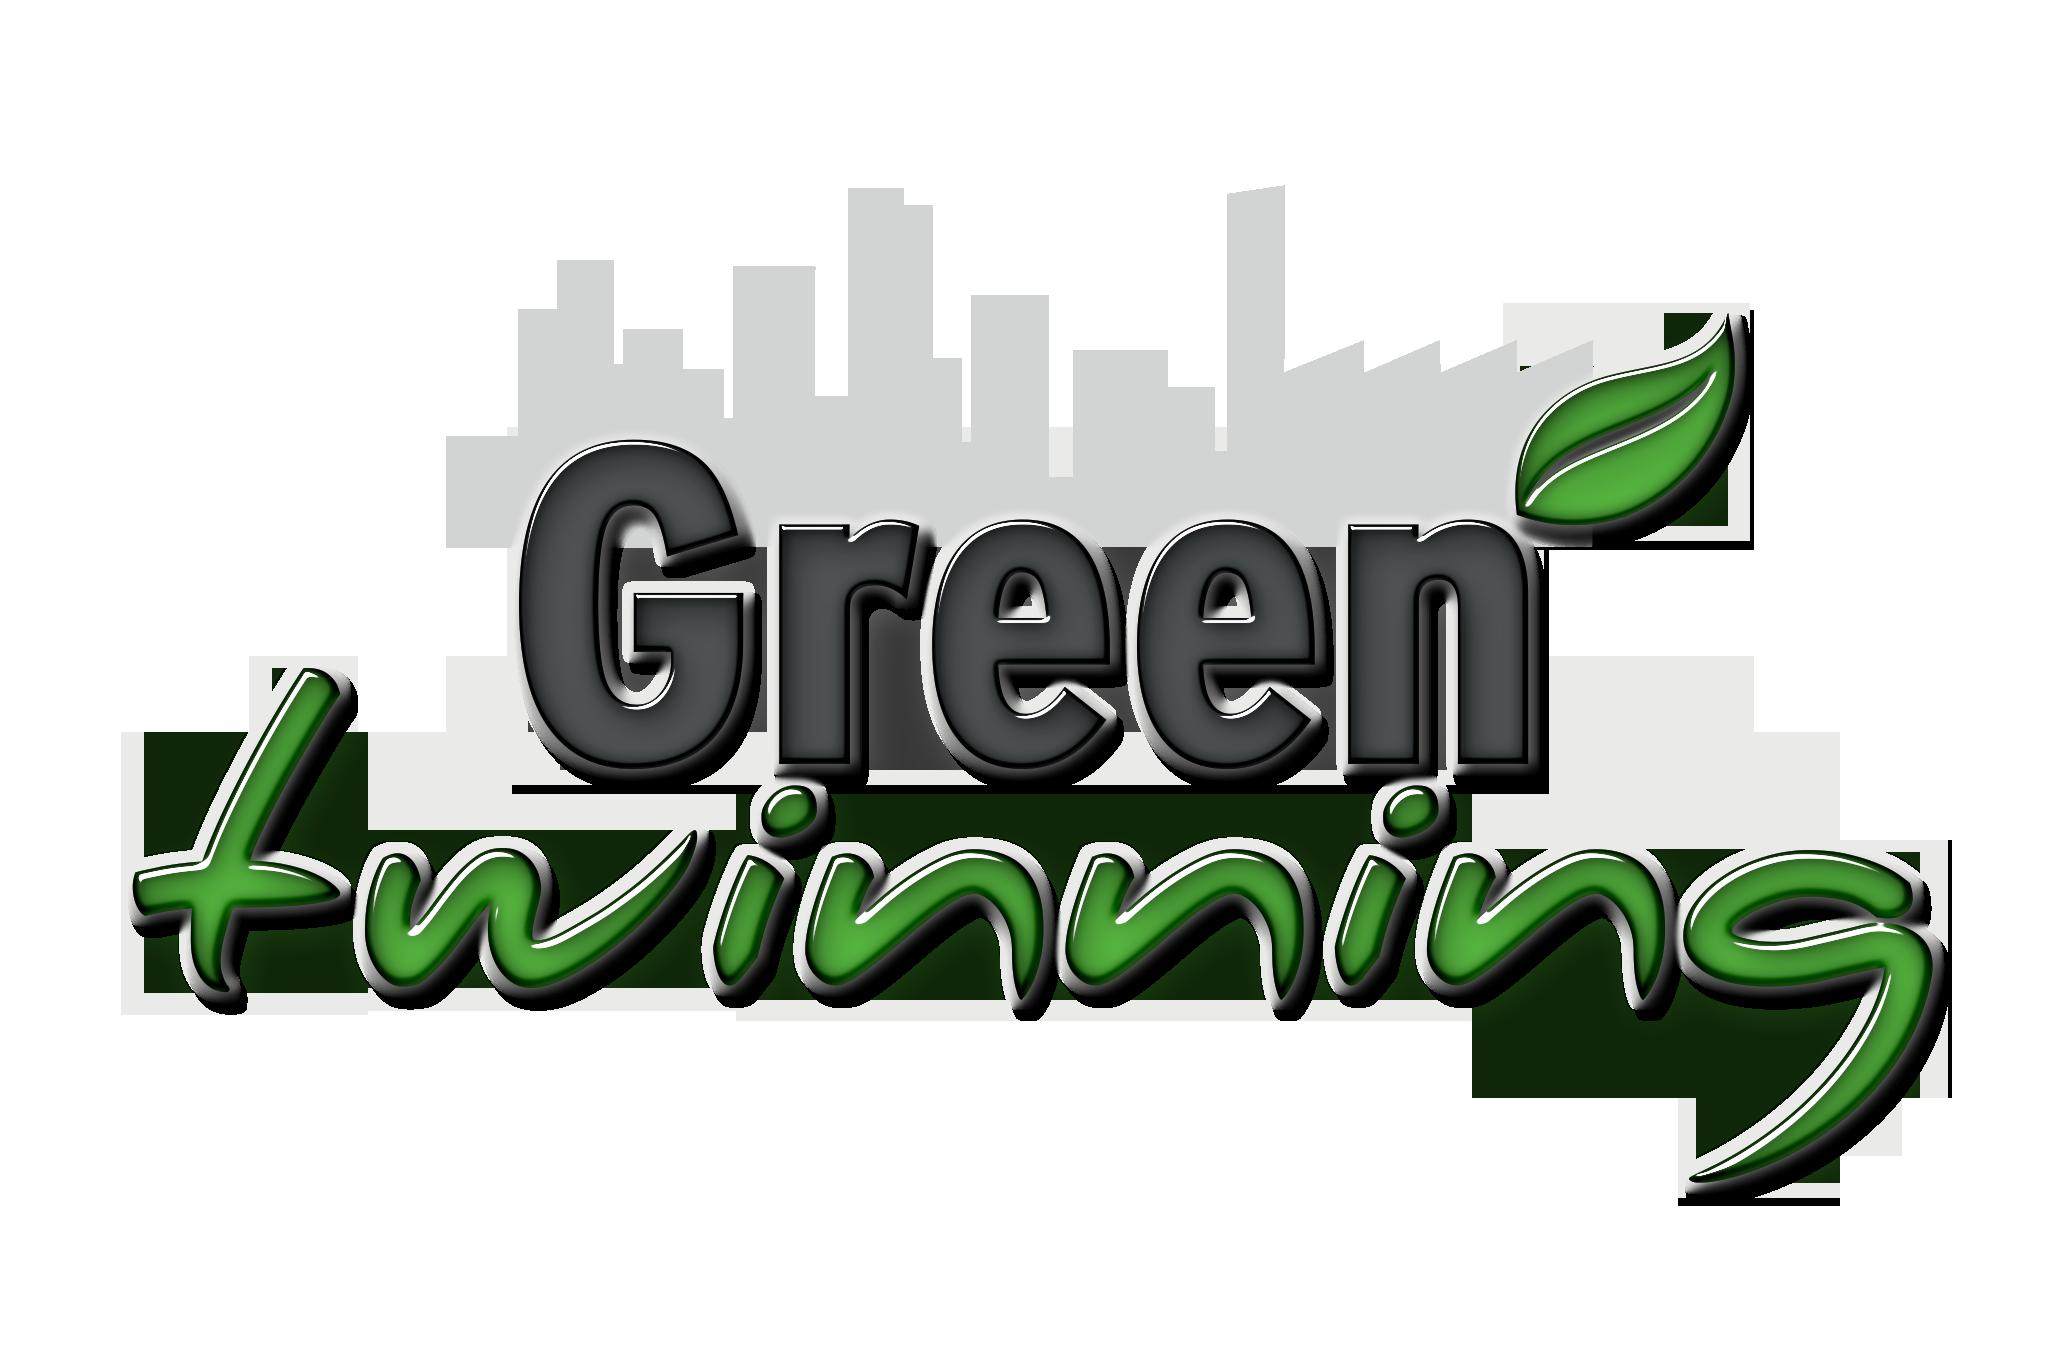 LOGO-Green-twinning-_-final-3D